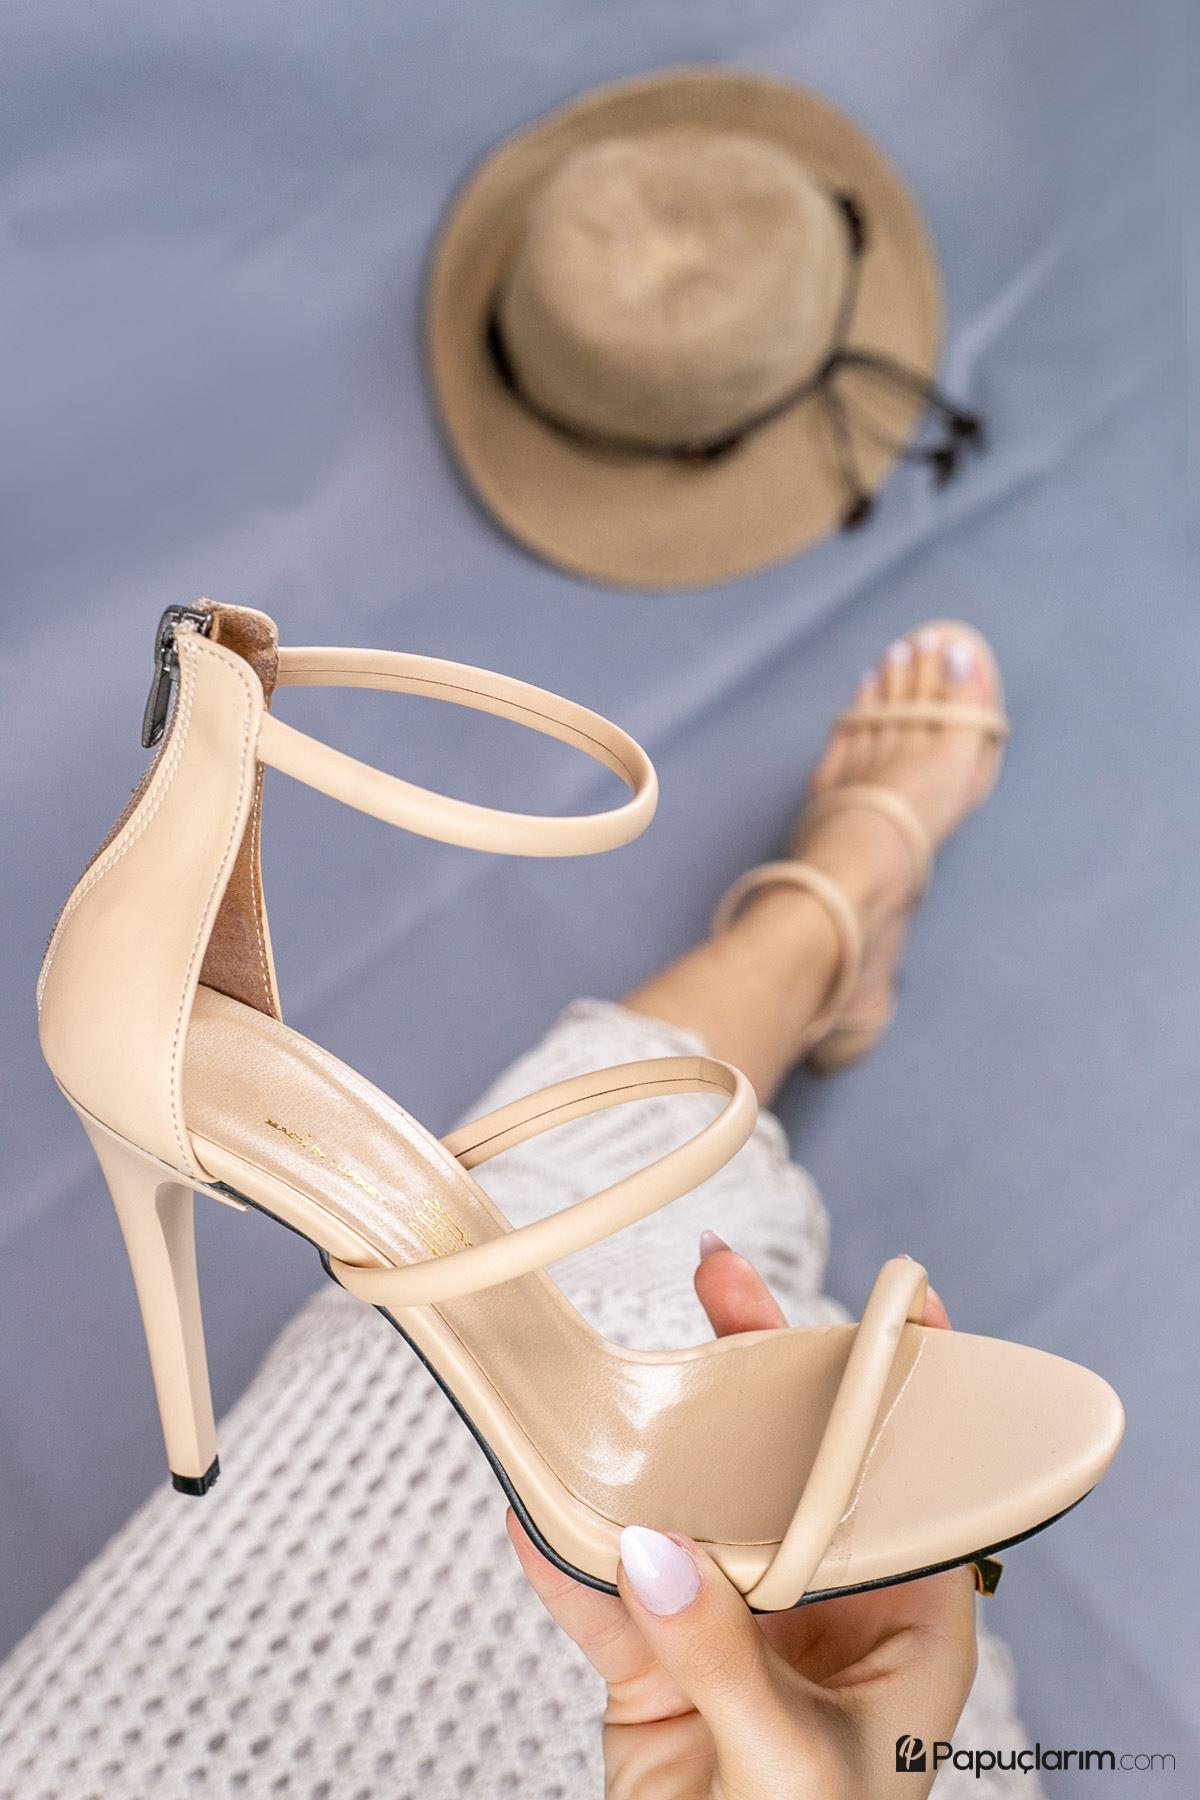 Liona Vizon Mat Deri Yüksek Topuklu Kadın Ayakkabı